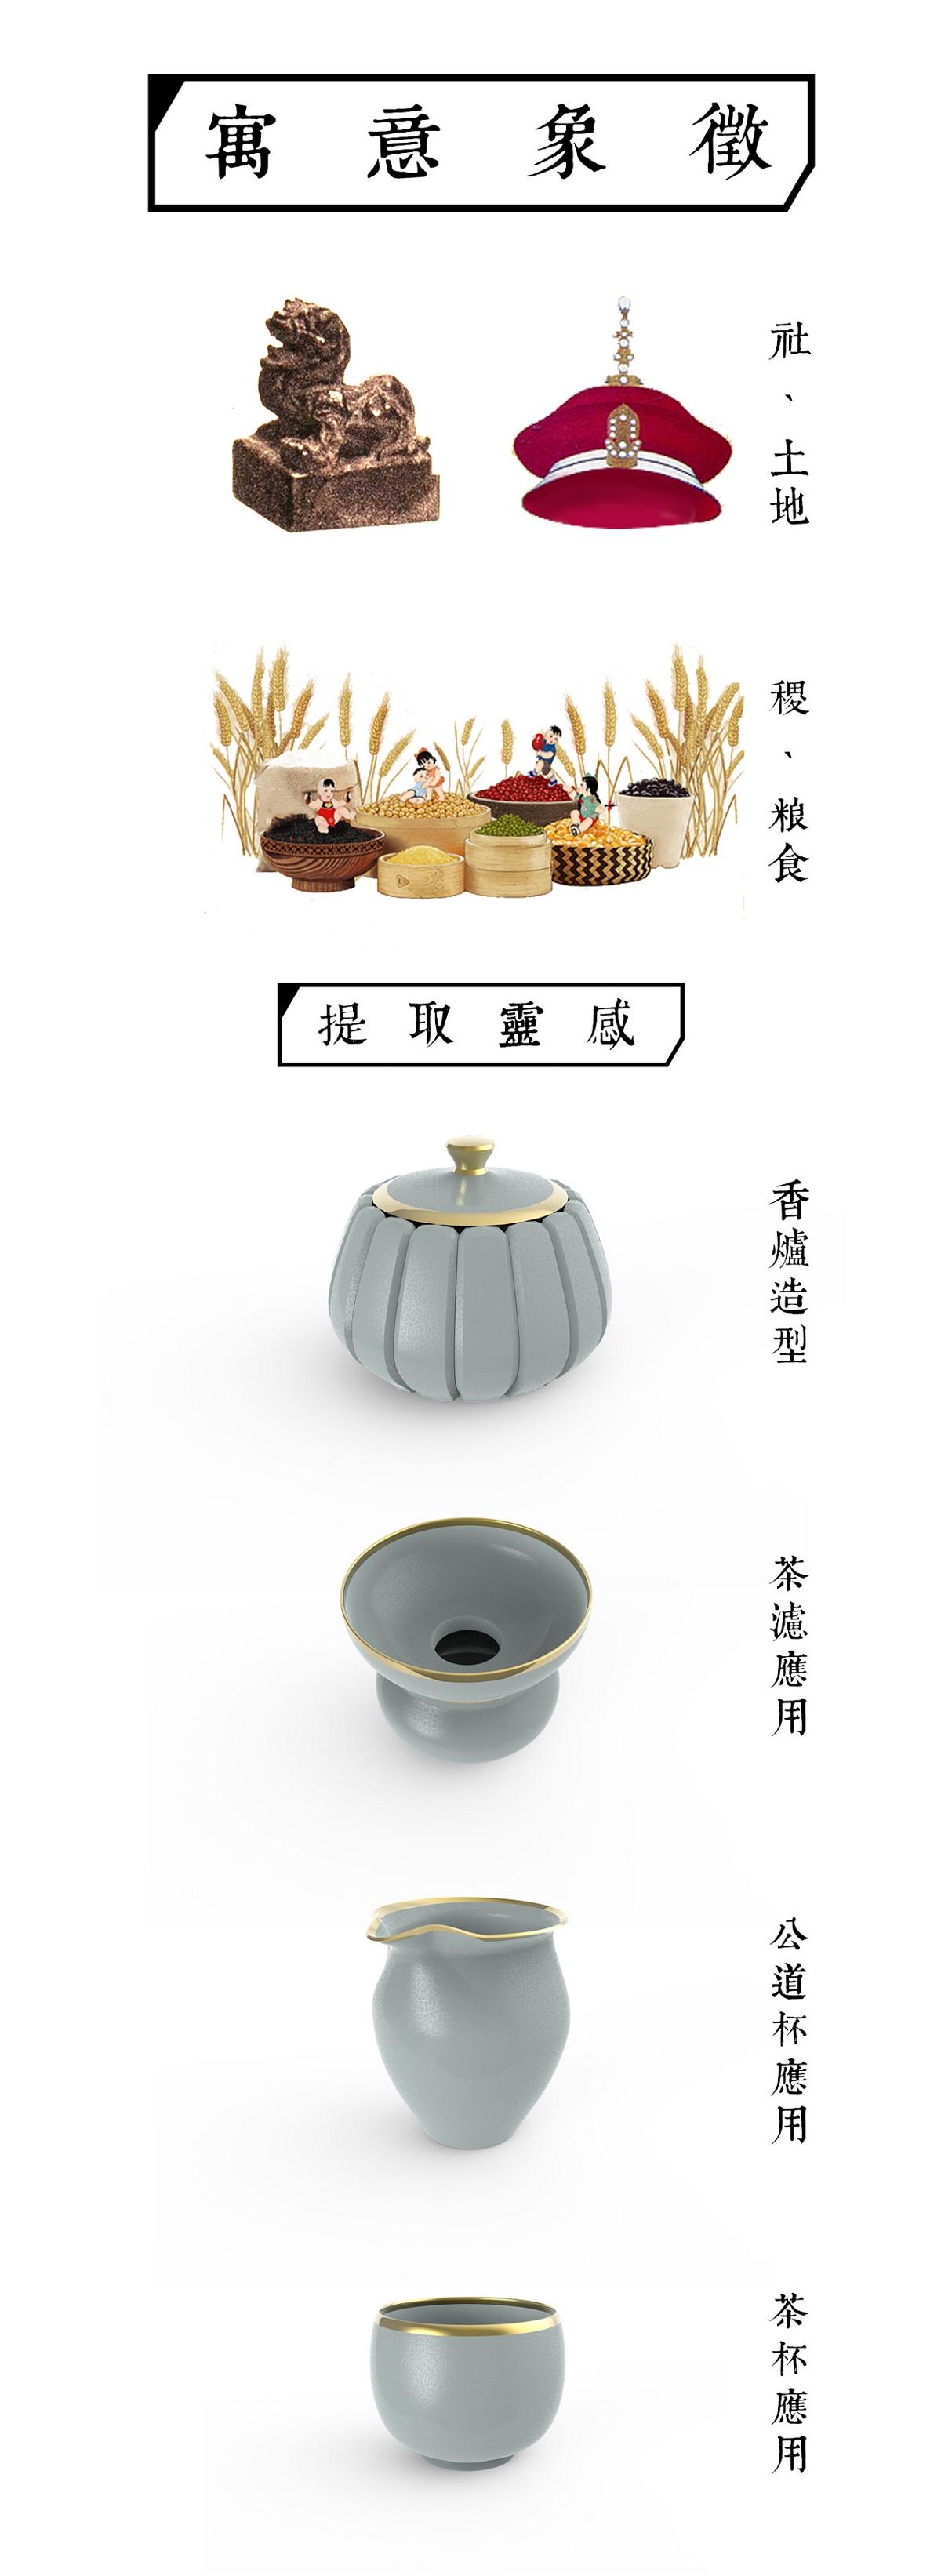 创意汝瓷茶具设计——优秀工业设计产品推荐